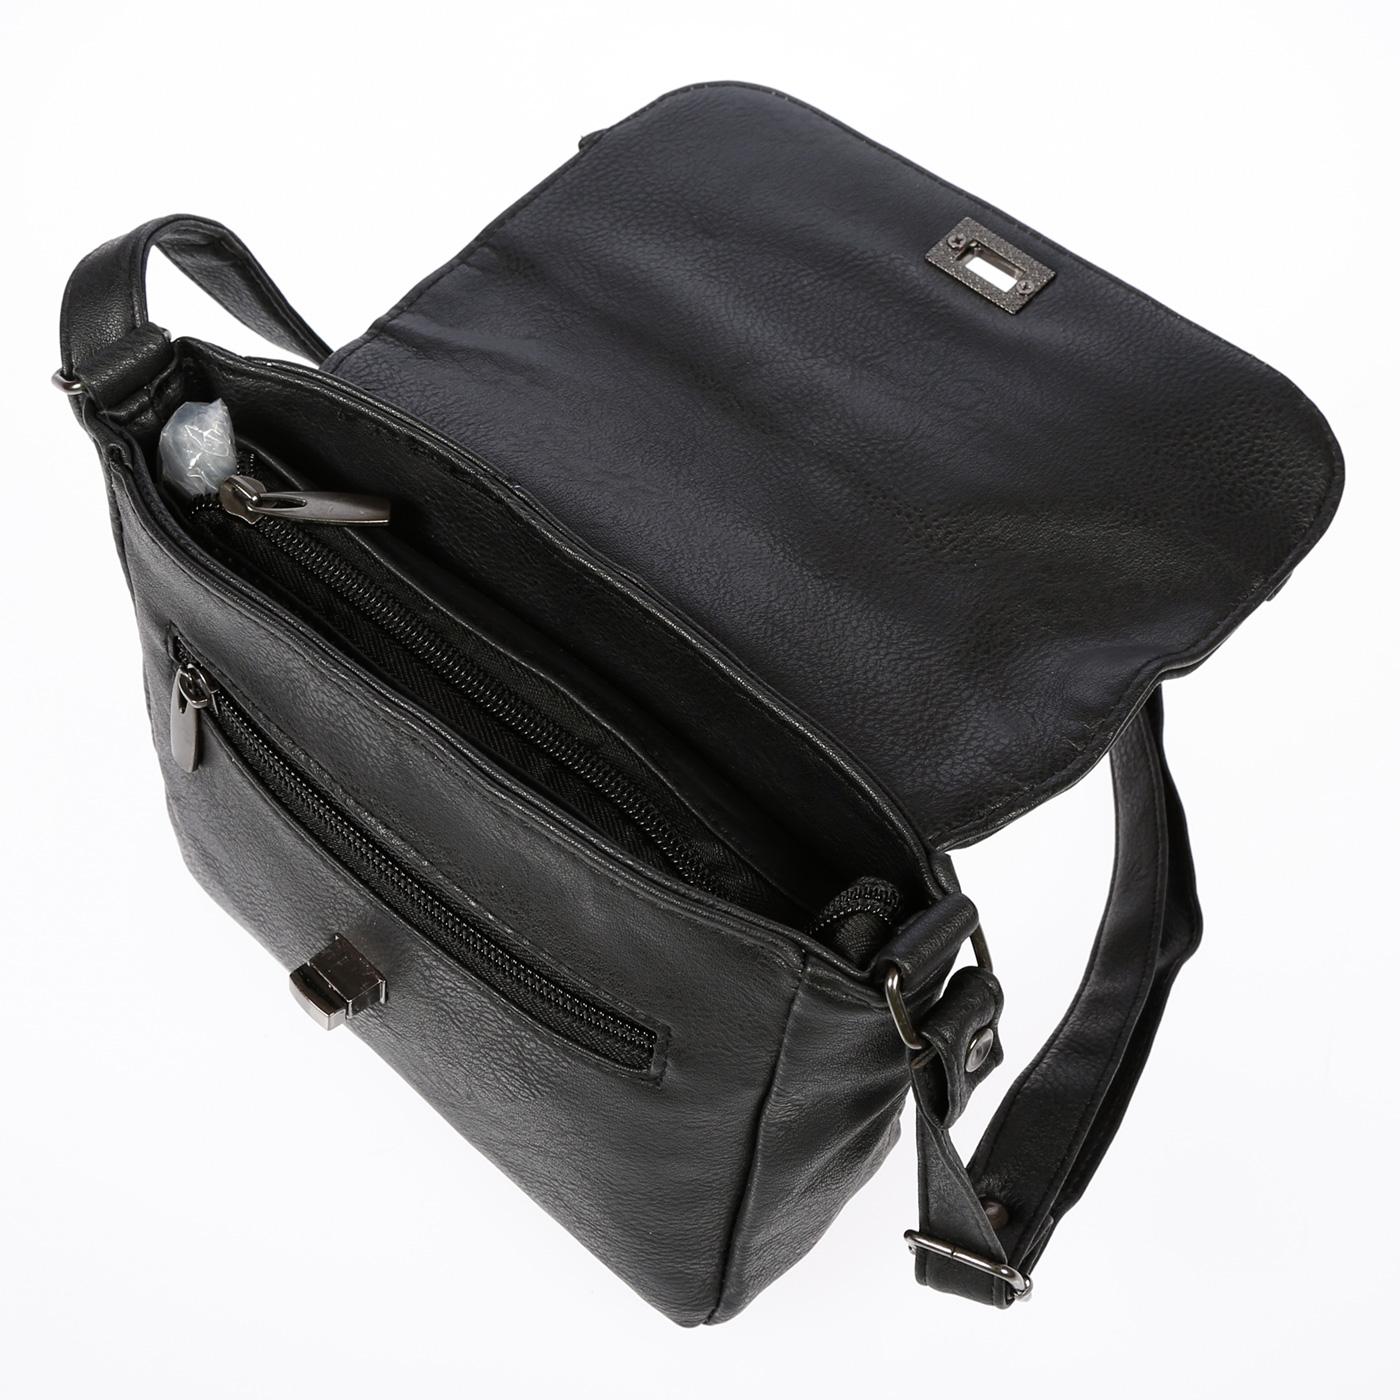 Kleine-Damen-Tasche-Umhaengetasche-Schultertasche-Crossover-Bag-Leder-Optik-NEU Indexbild 17